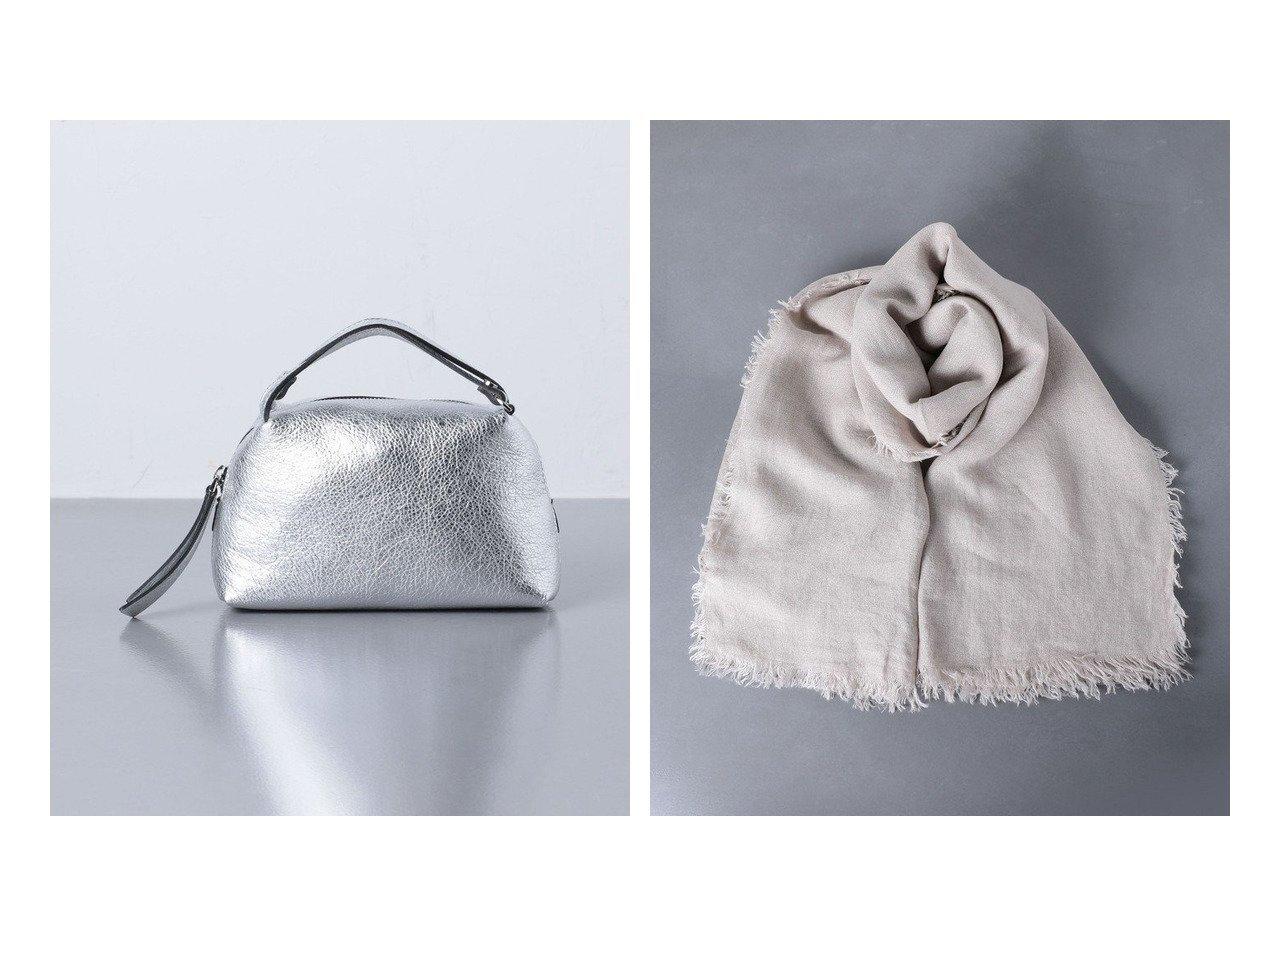 【UNITED ARROWS/ユナイテッドアローズ】のALIFA MET バッグ S&LI GAUZE ストール UNITED ARROWSのおすすめ!人気、トレンド・レディースファッションの通販 おすすめで人気の流行・トレンド、ファッションの通販商品 メンズファッション・キッズファッション・インテリア・家具・レディースファッション・服の通販 founy(ファニー) https://founy.com/ ファッション Fashion レディースファッション WOMEN ストール Scarves マフラー Mufflers NEW・新作・新着・新入荷 New Arrivals カラフル クラシック コレクション シンプル スマート モダン 財布 スカーフ ストール マフラー 羽織  ID:crp329100000019594